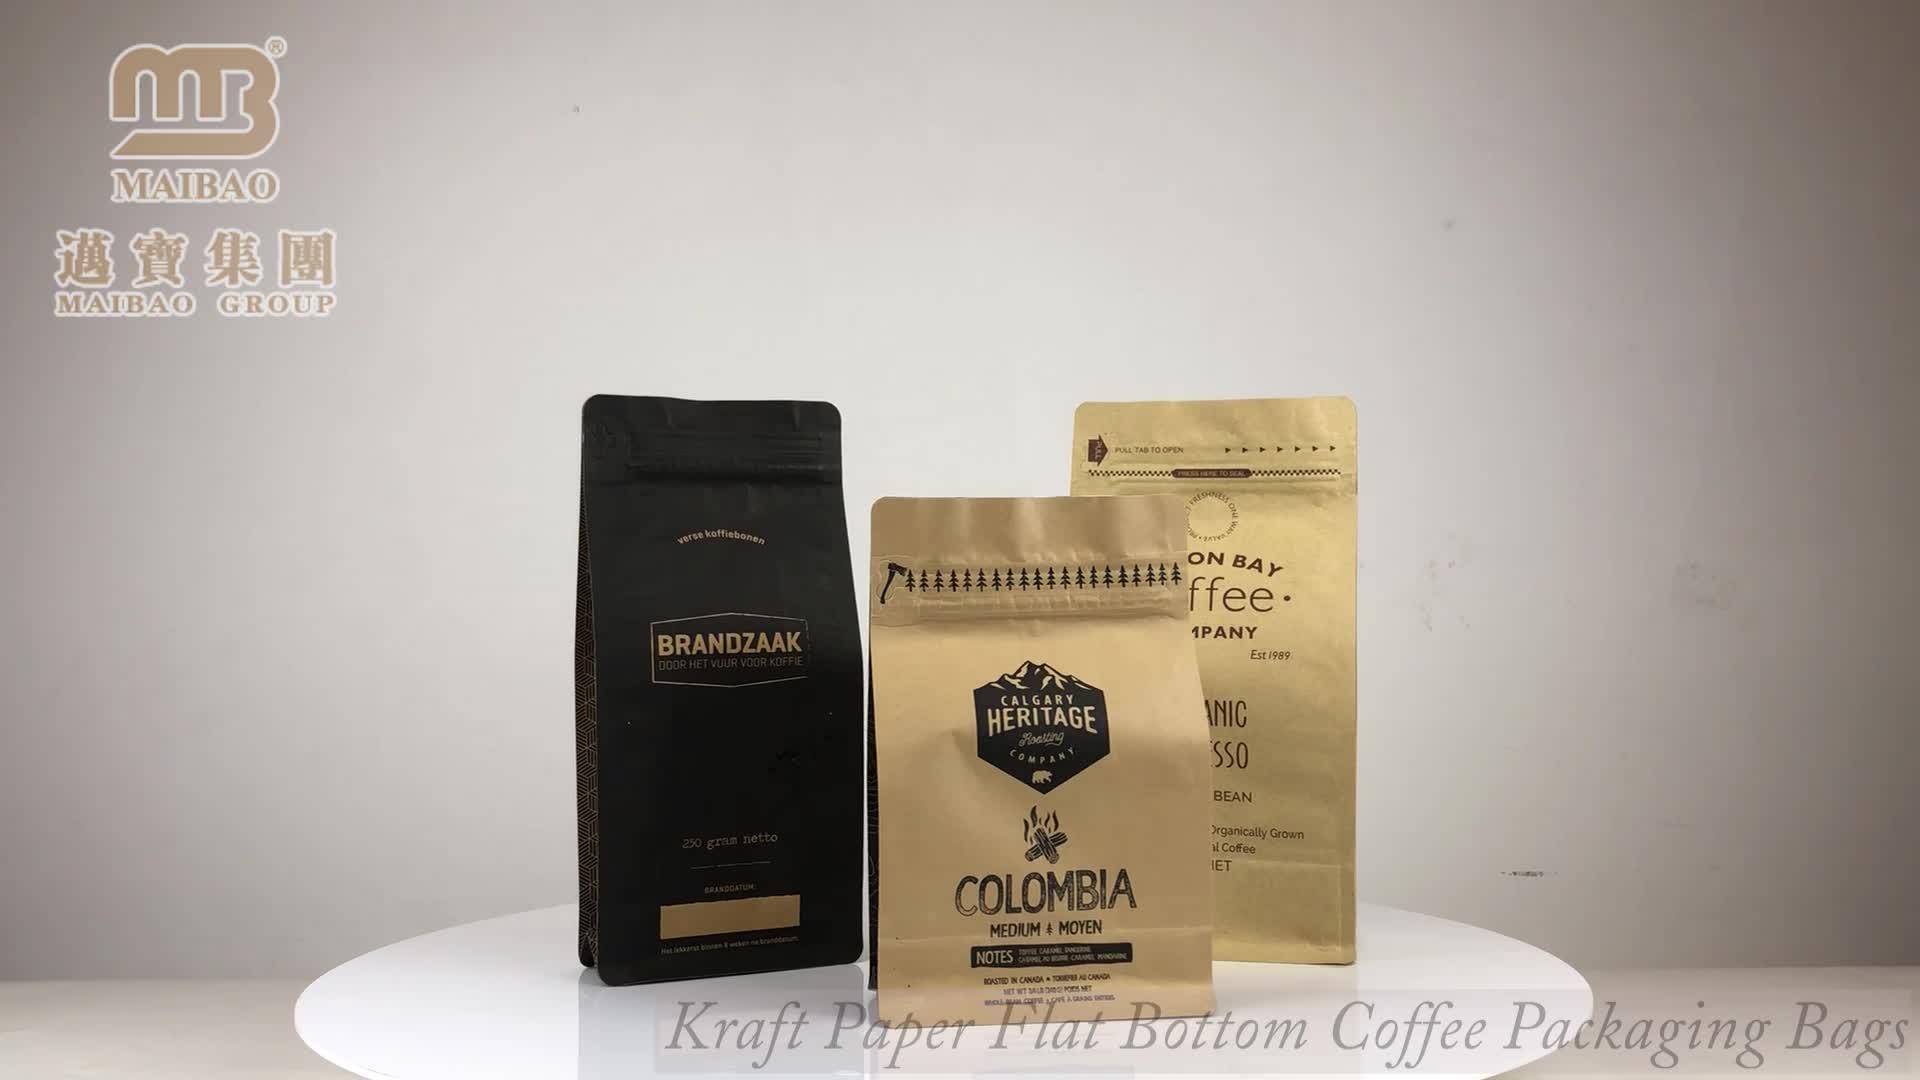 カスタム印刷された底マチ包装コーヒー包装箔裏地コーヒー豆クラフト紙袋バルブ